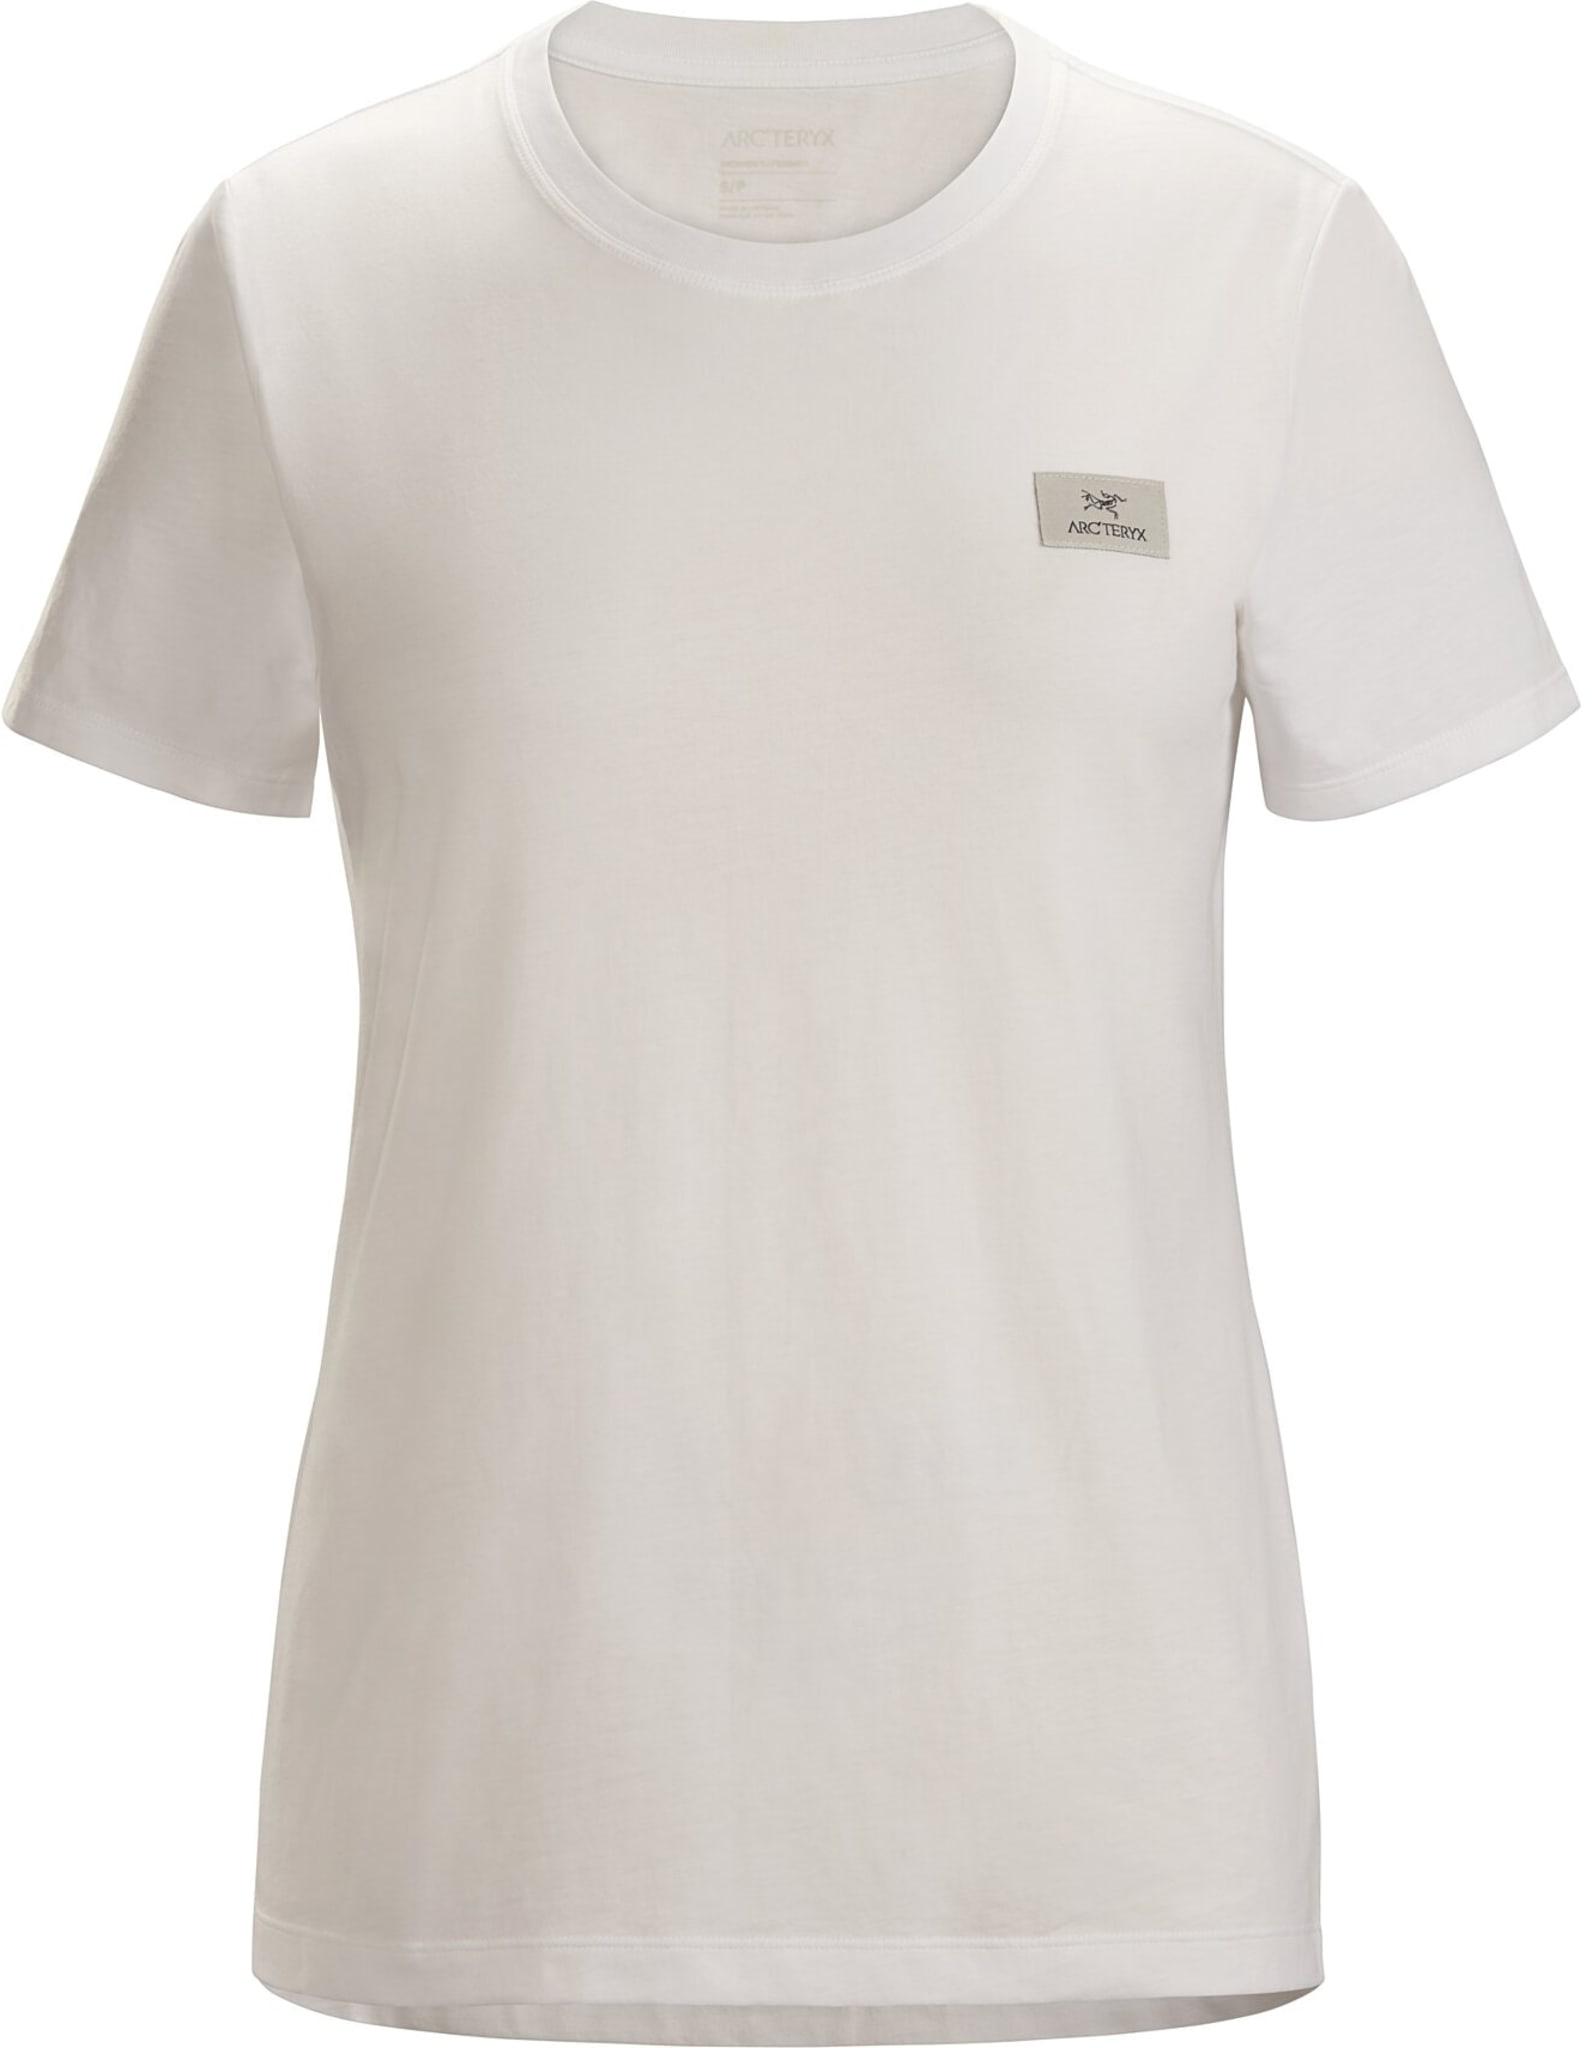 Emblem Patch T-Shirt SS Ws